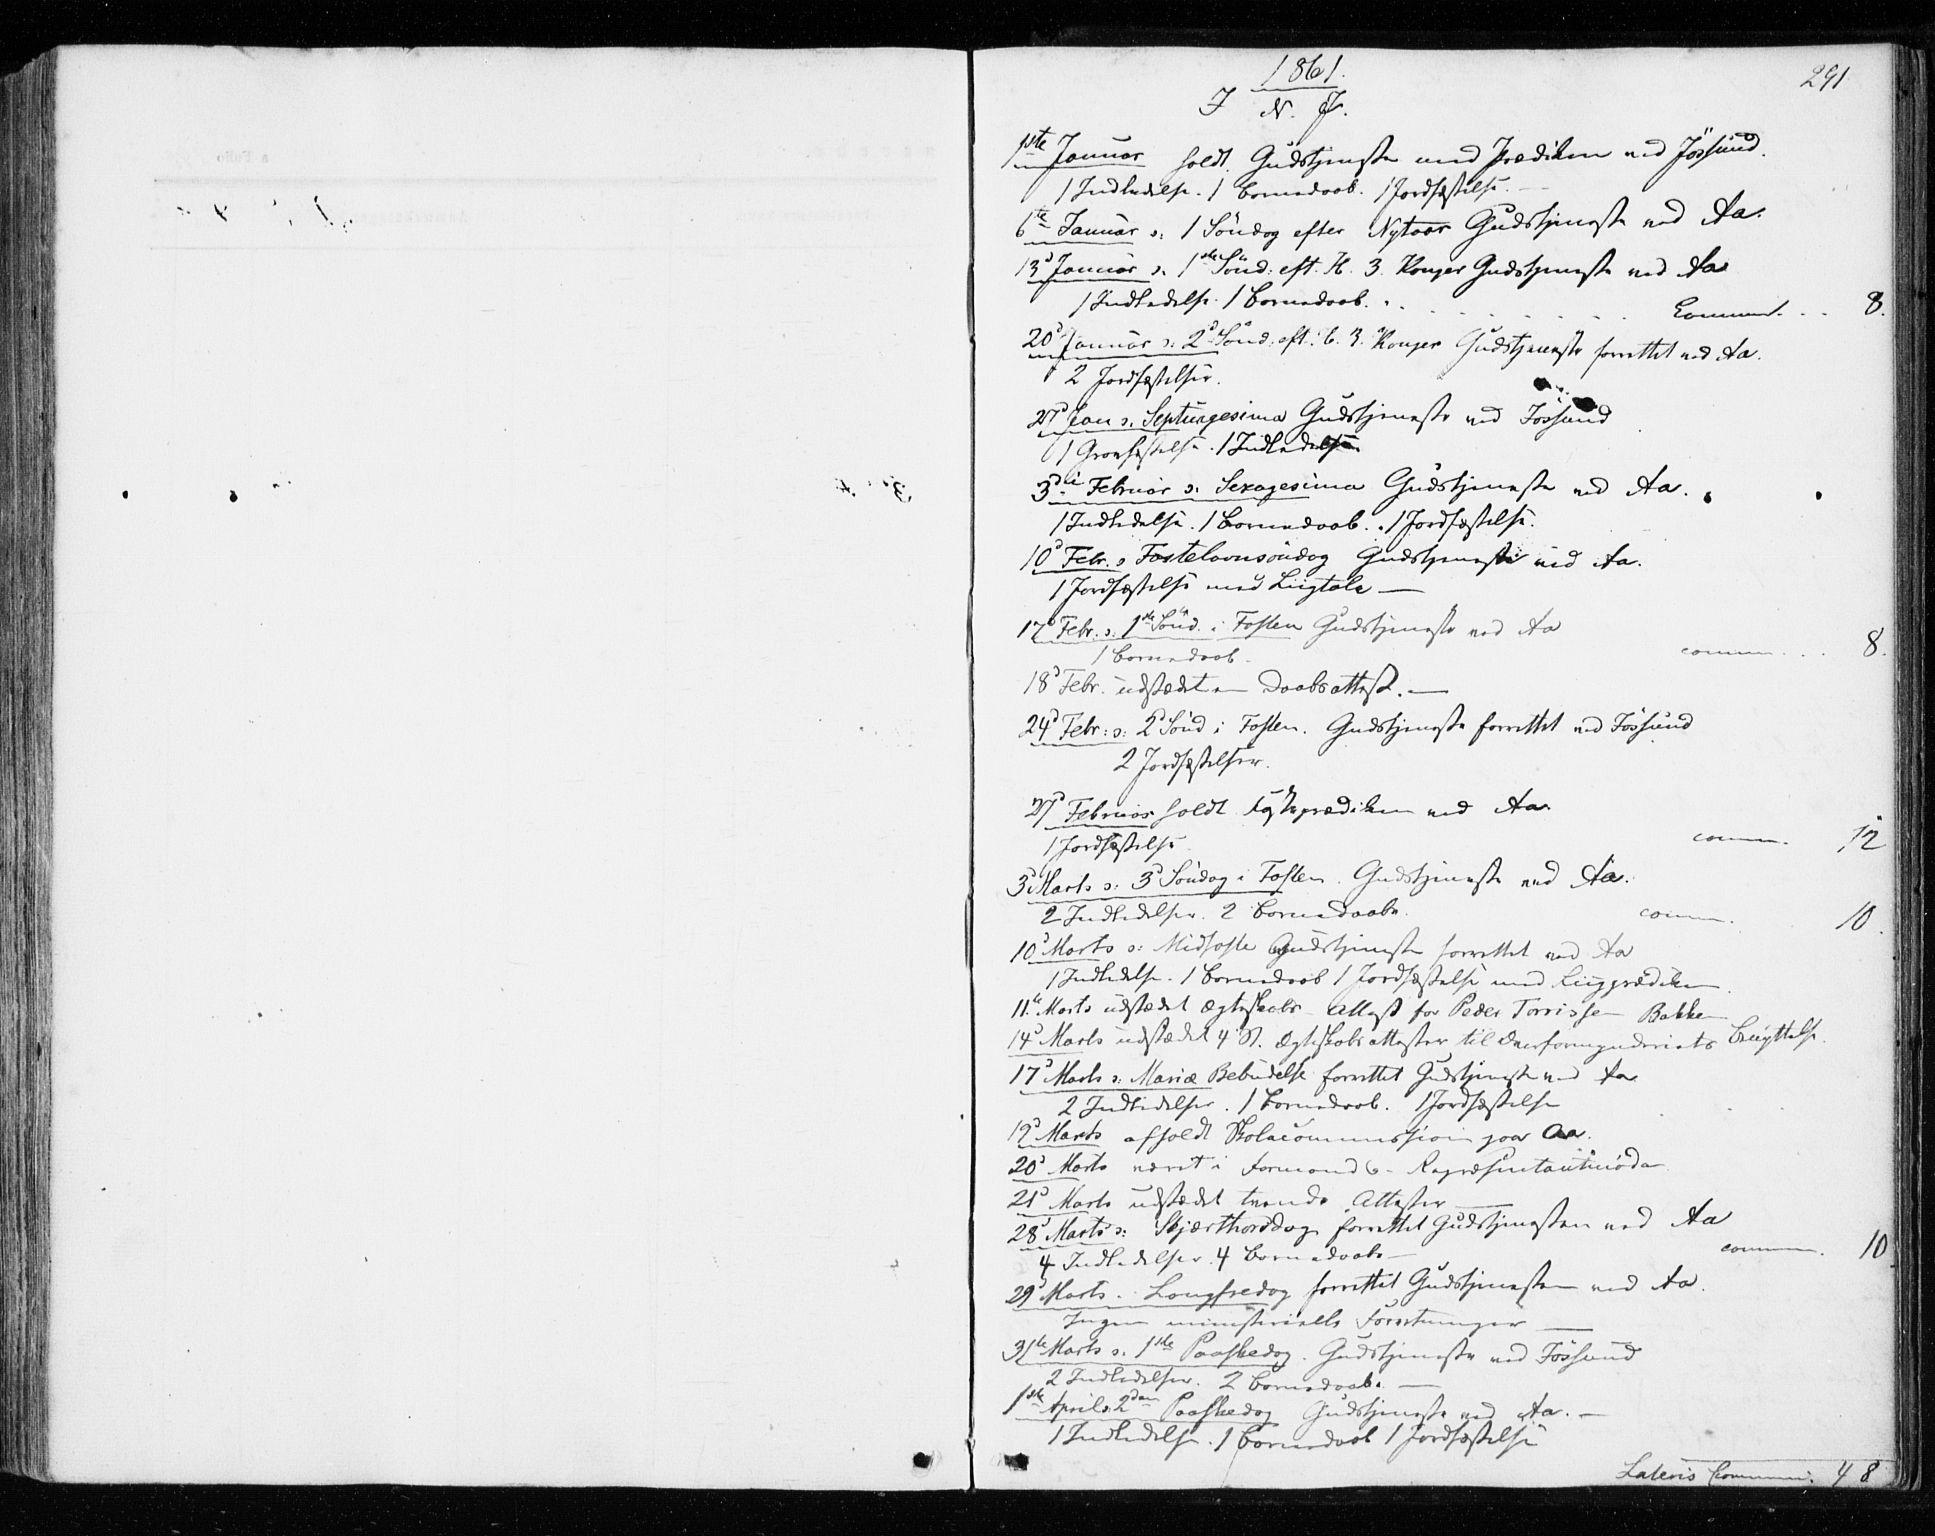 SAT, Ministerialprotokoller, klokkerbøker og fødselsregistre - Sør-Trøndelag, 655/L0678: Ministerialbok nr. 655A07, 1861-1873, s. 291